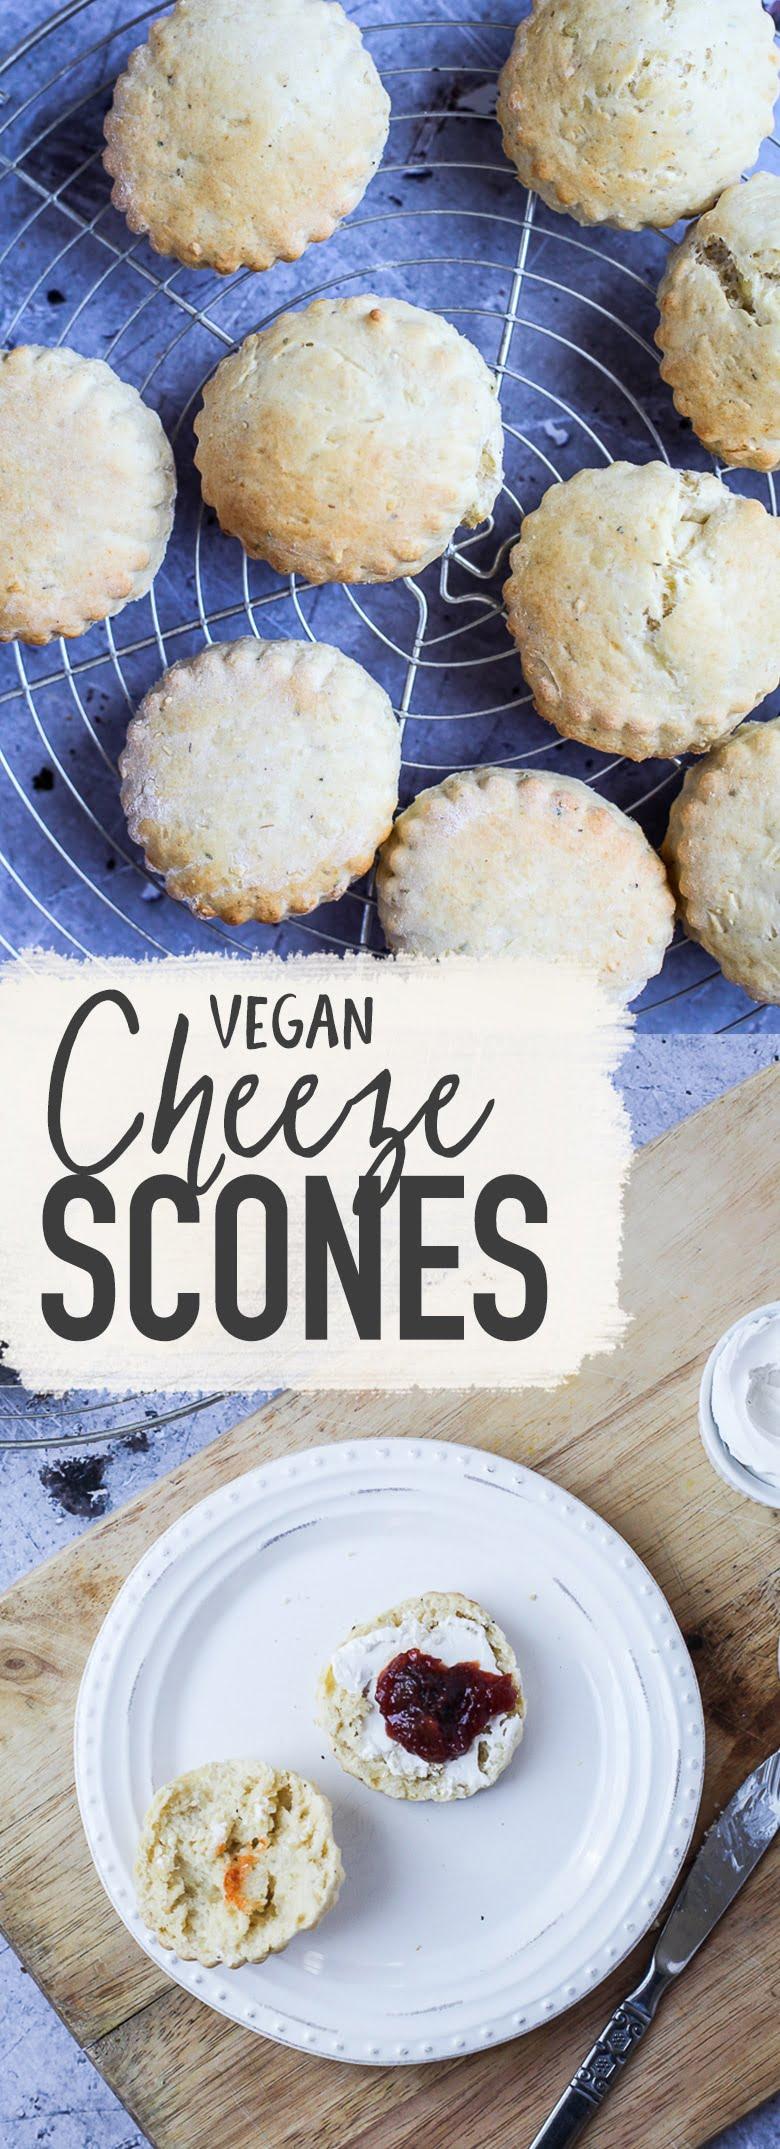 Vegan Cheeze Scones